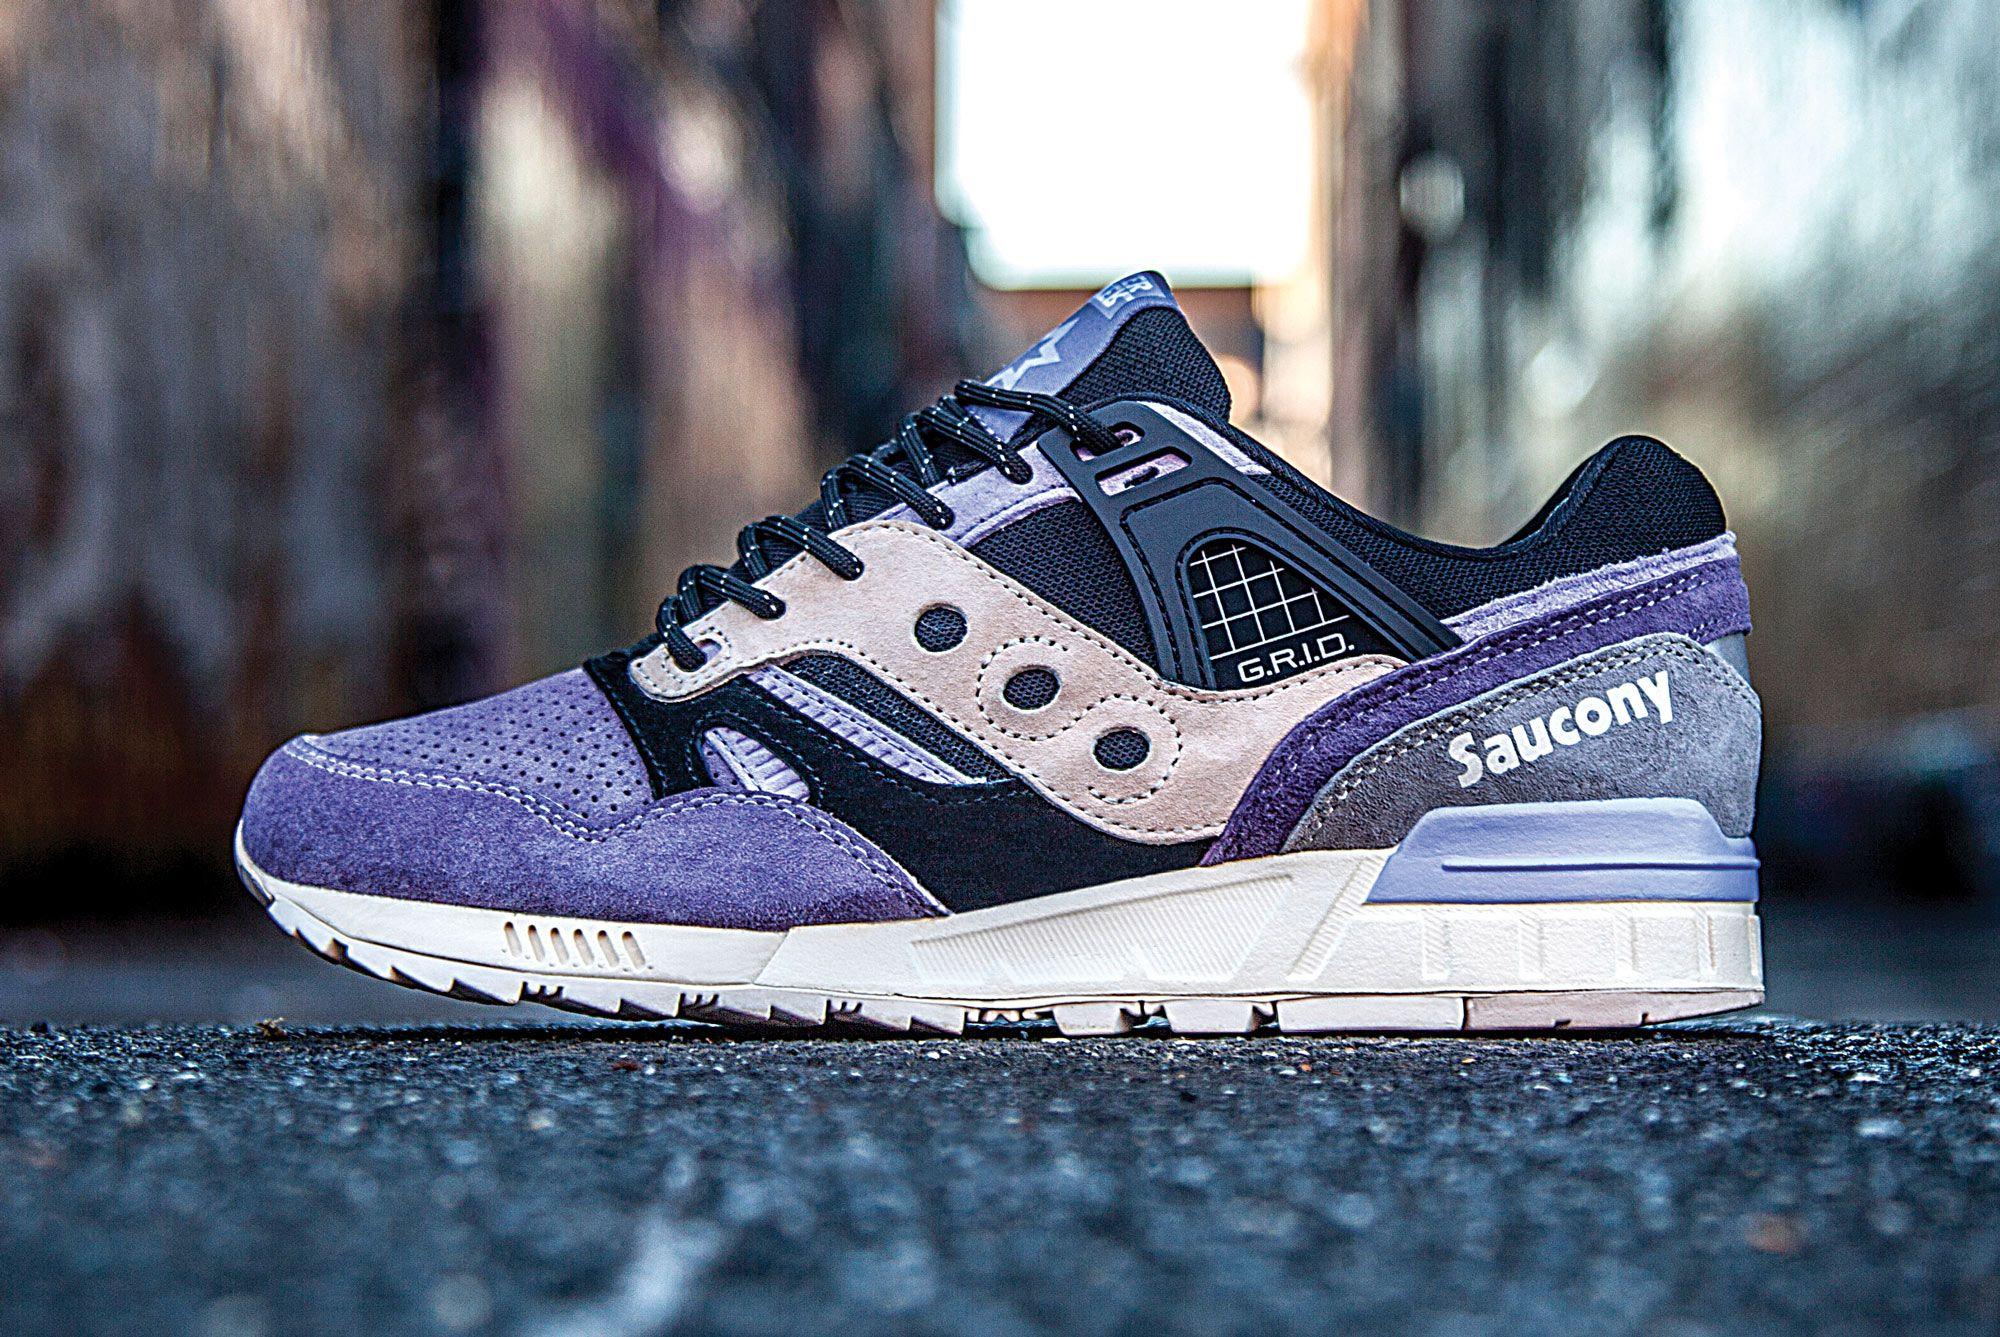 Sneaker Freaker x Saucony Grid 9000 'Kushwhacker'